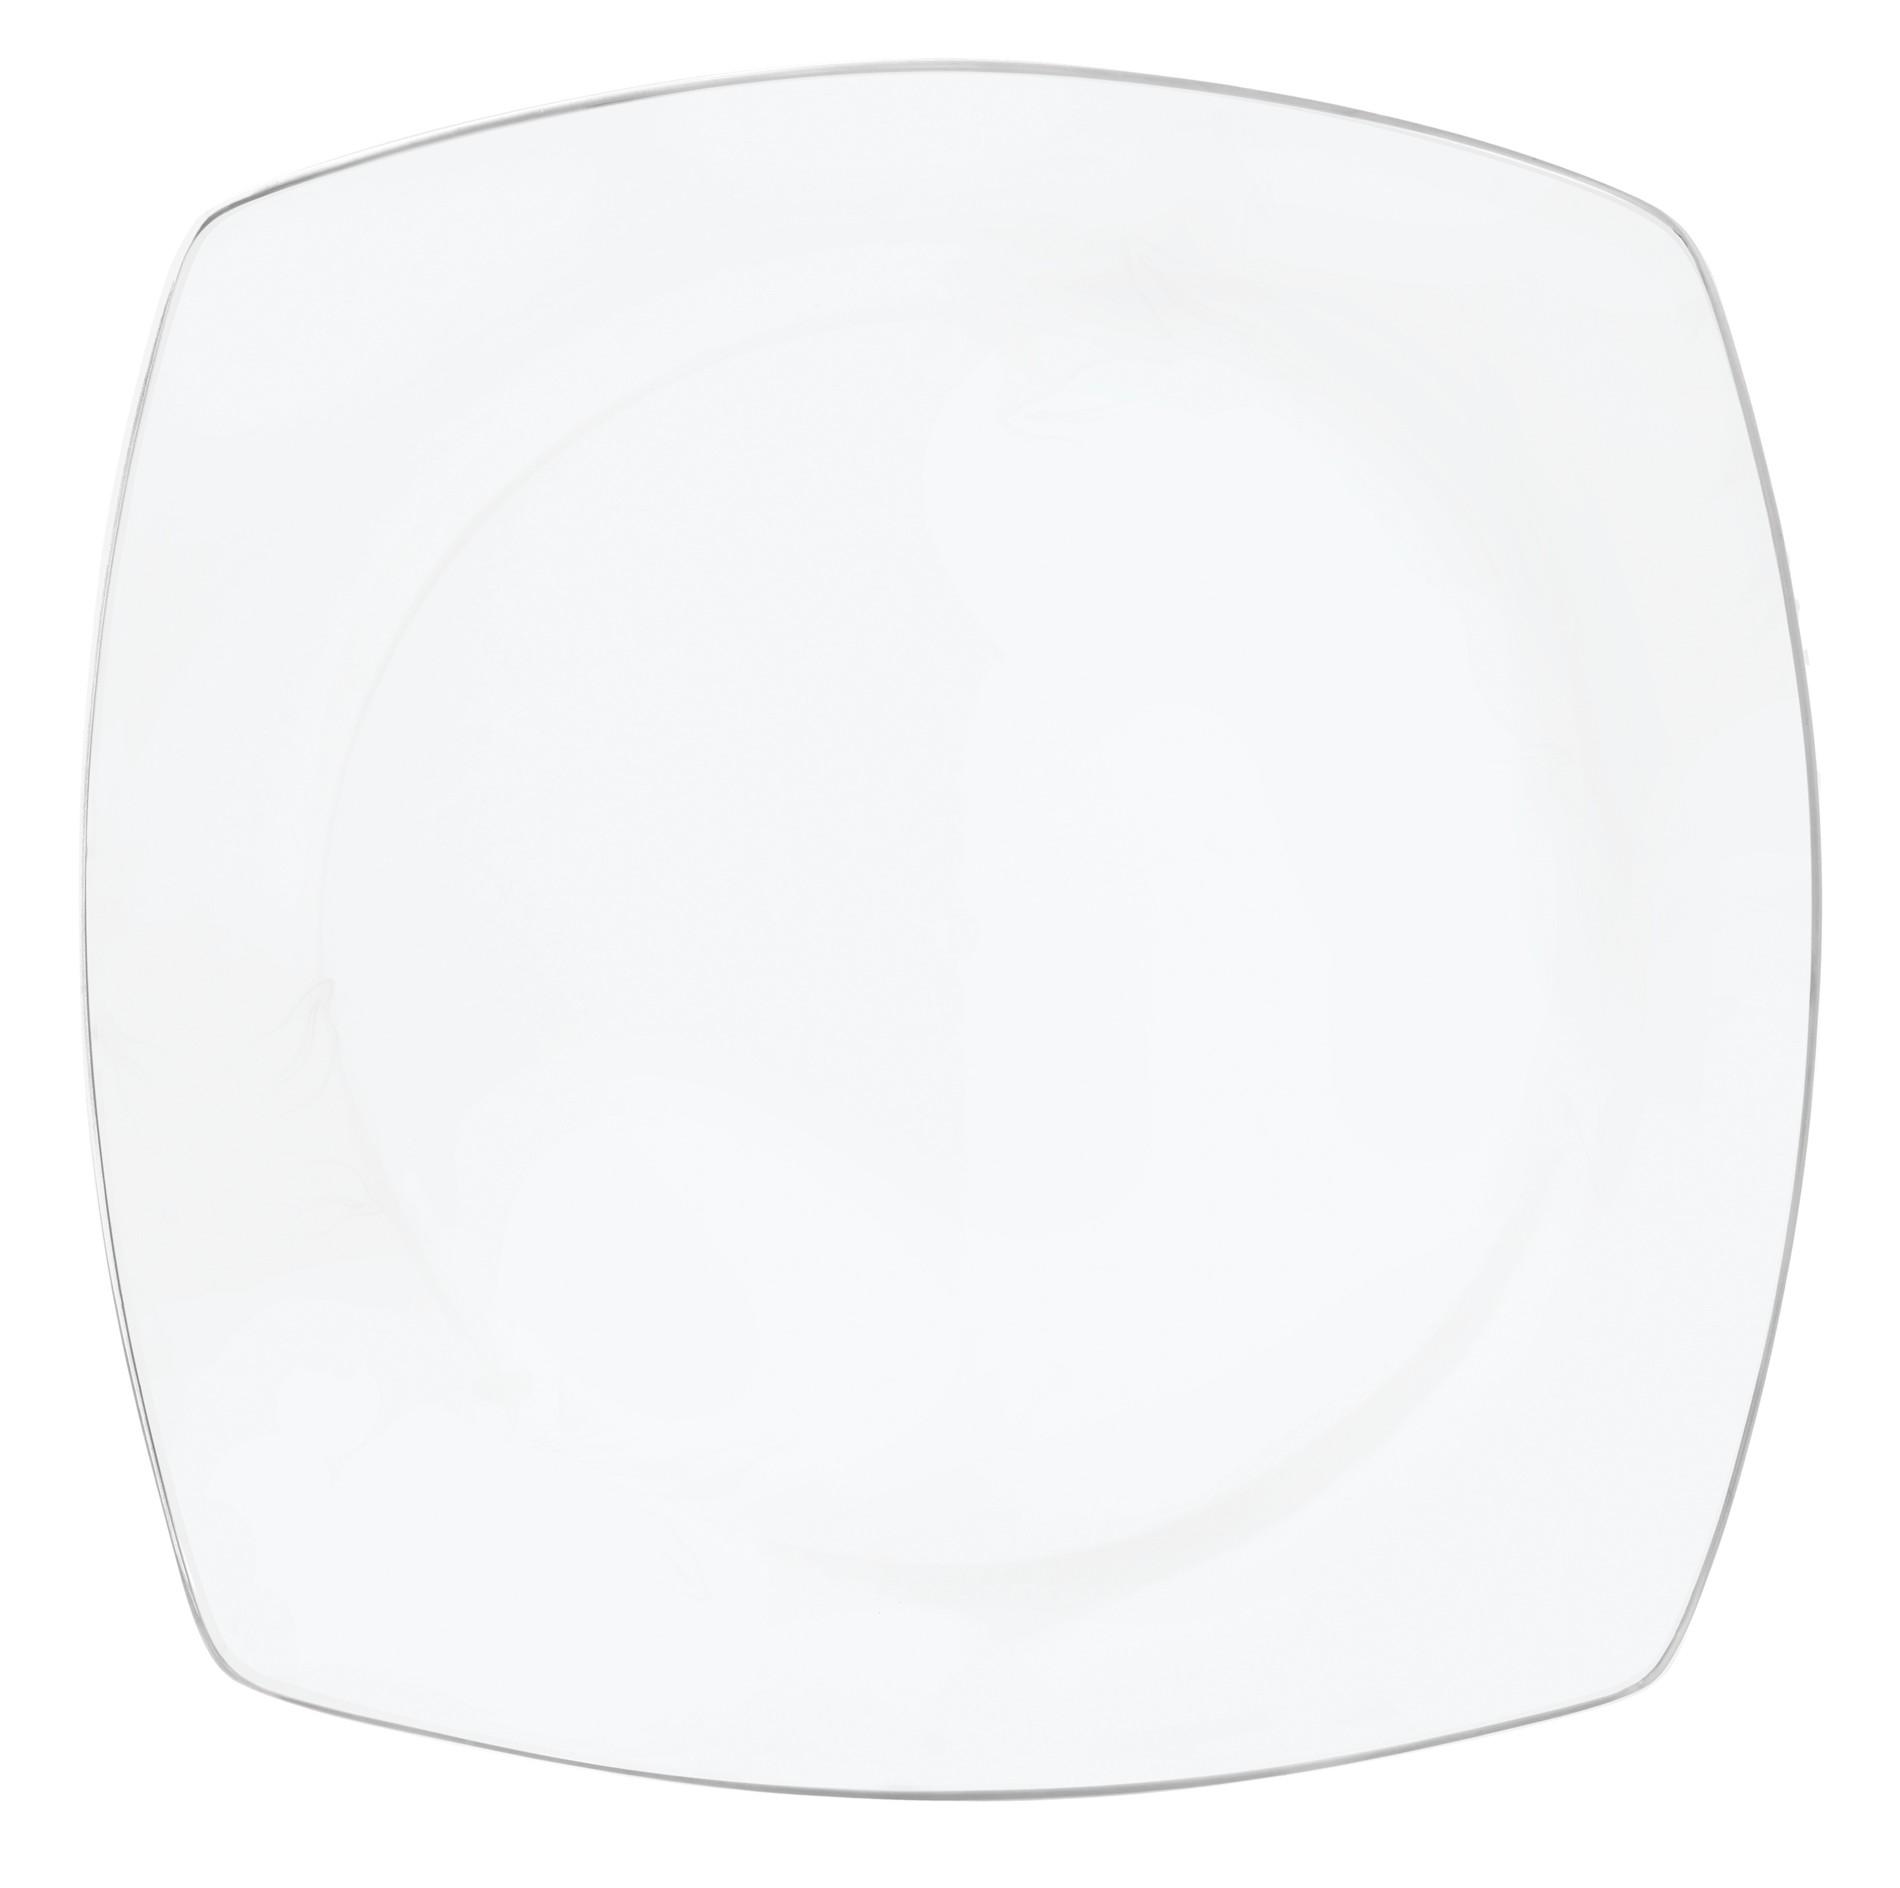 Πιάτο Φρούτου Σετ 6Τμχ Genesis Line 21cm Ionia home   ειδη σερβιρισματος   πιάτα